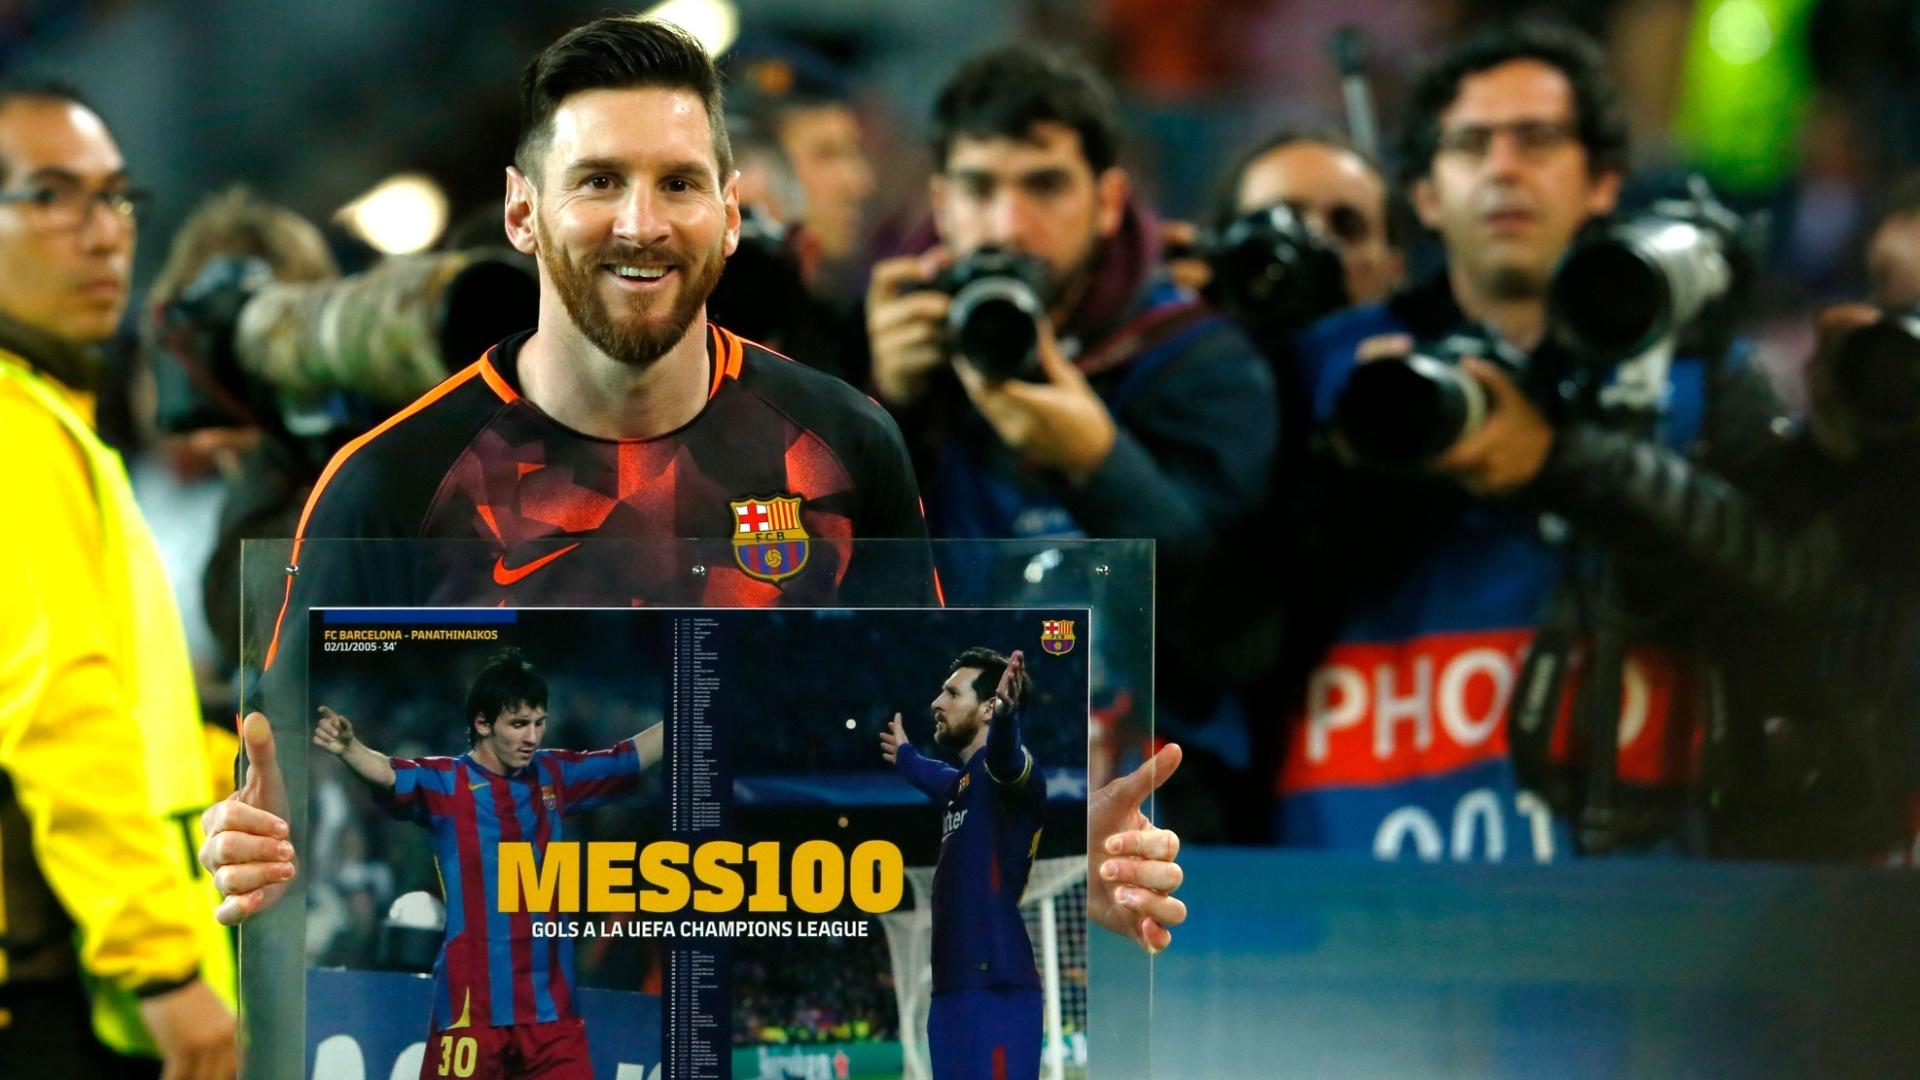 Messi é homenageado antes da partida pelo 100º gol na Liga dos Campeões